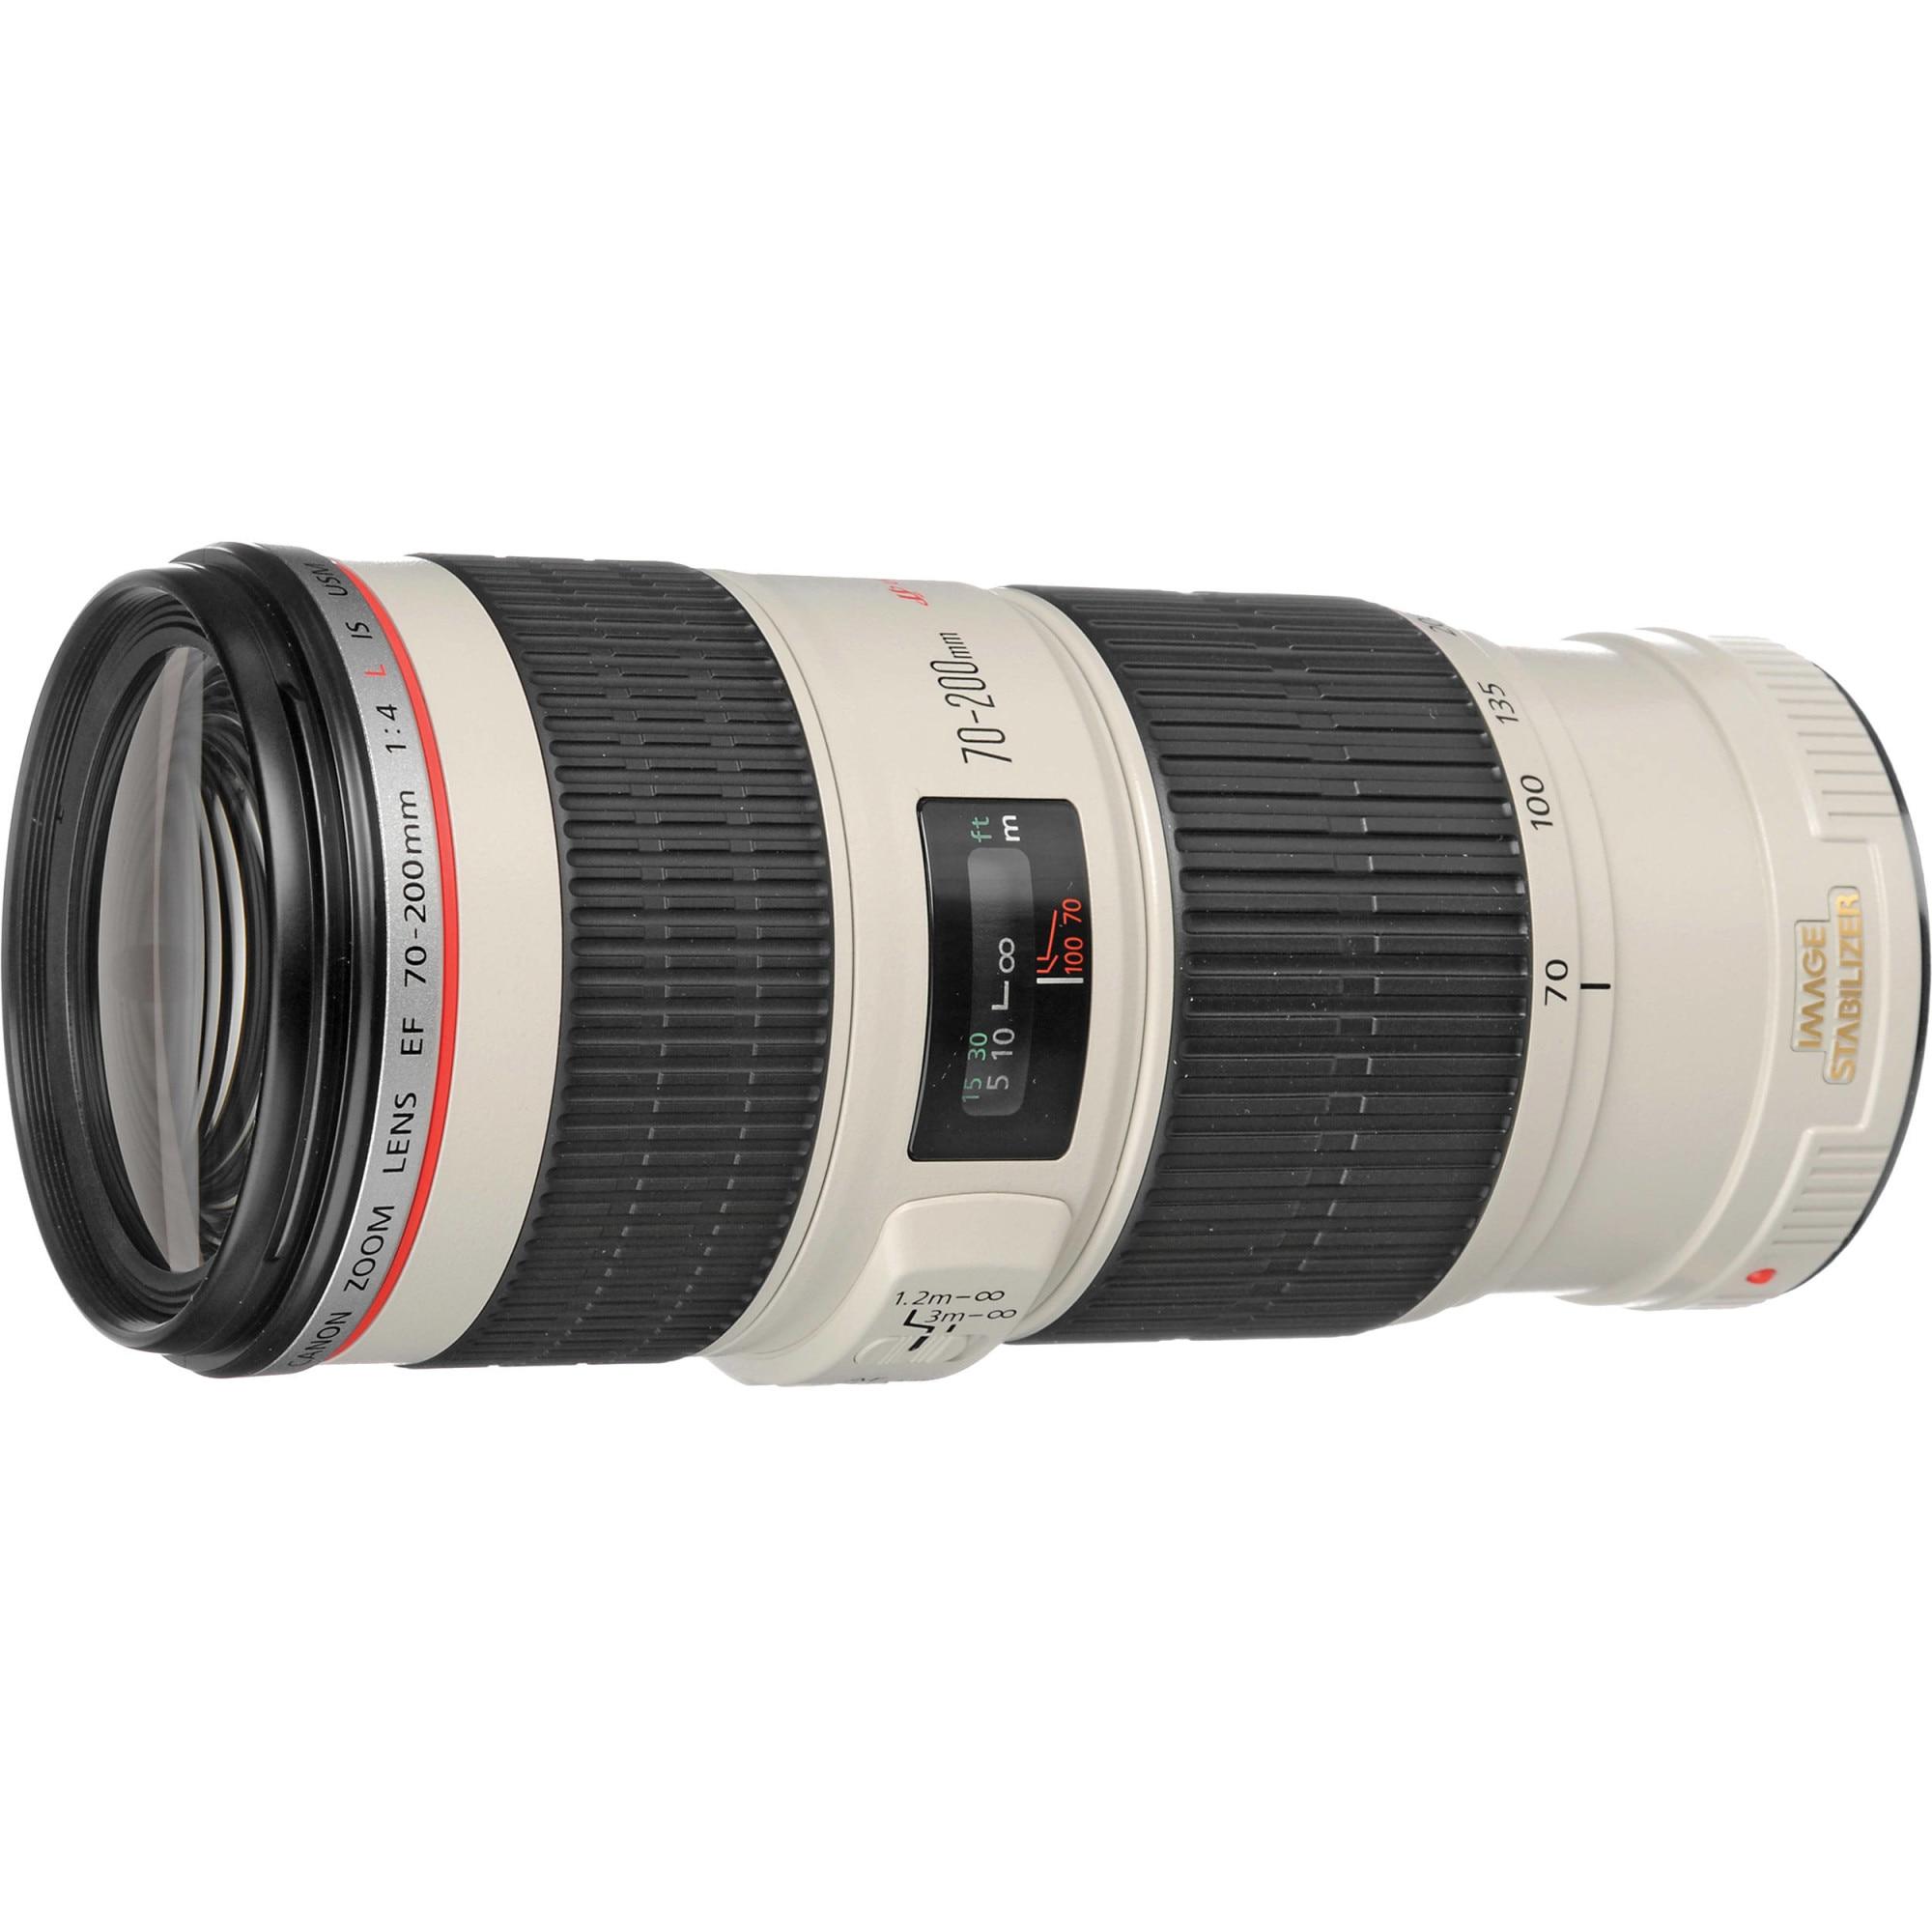 Fotografie Obiectiv Canon EF 70-200mm f/4 L IS USM